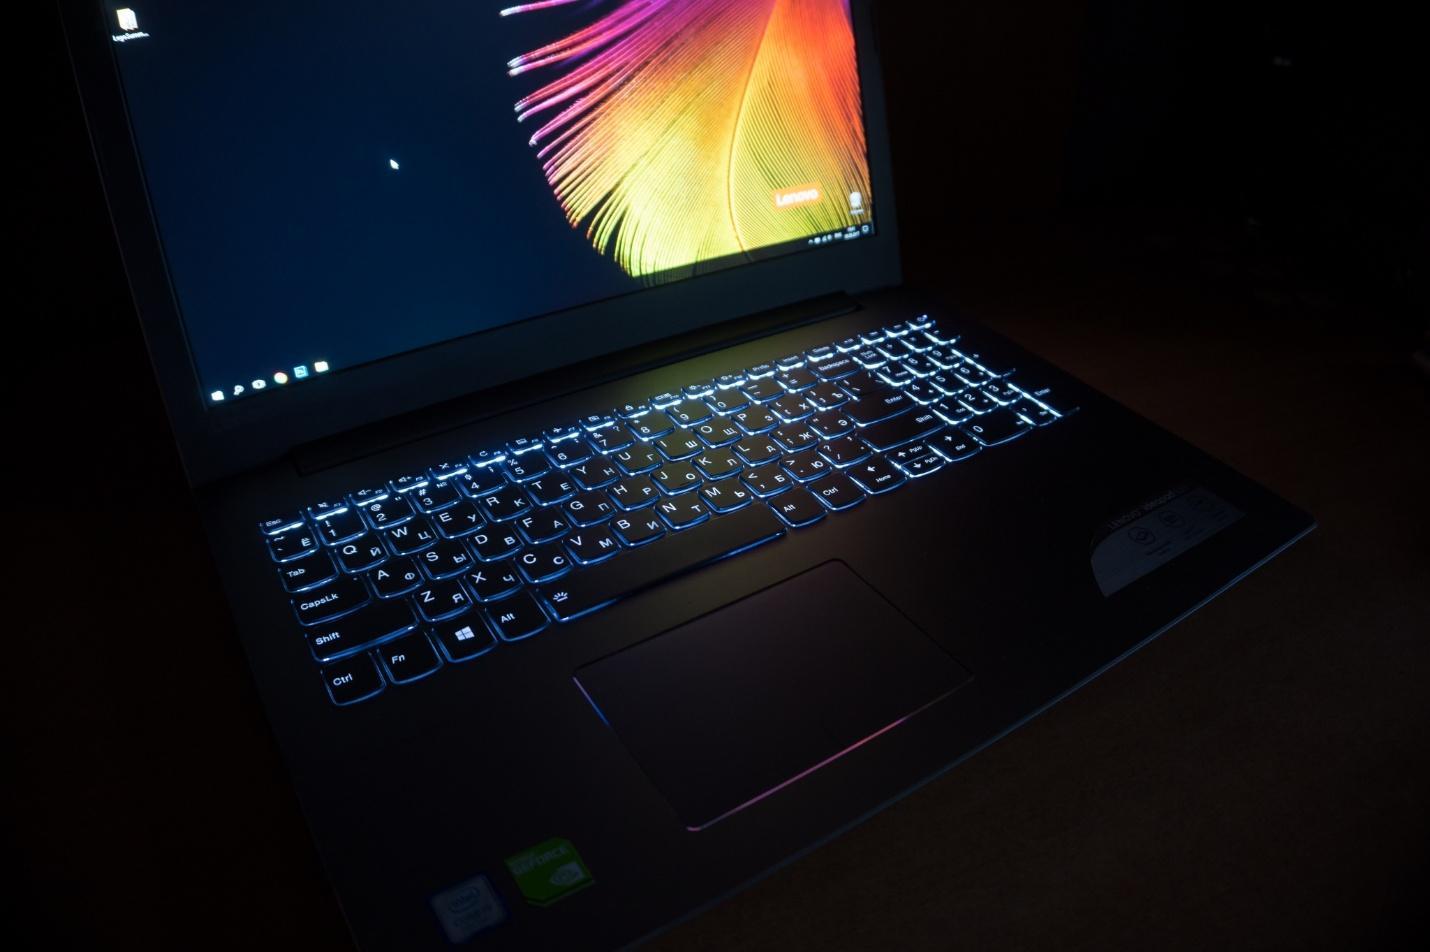 Фото 3 - Ноутбук Lenovo IdeaPad 520-15IKB Iron Grey (81BF00EARA)